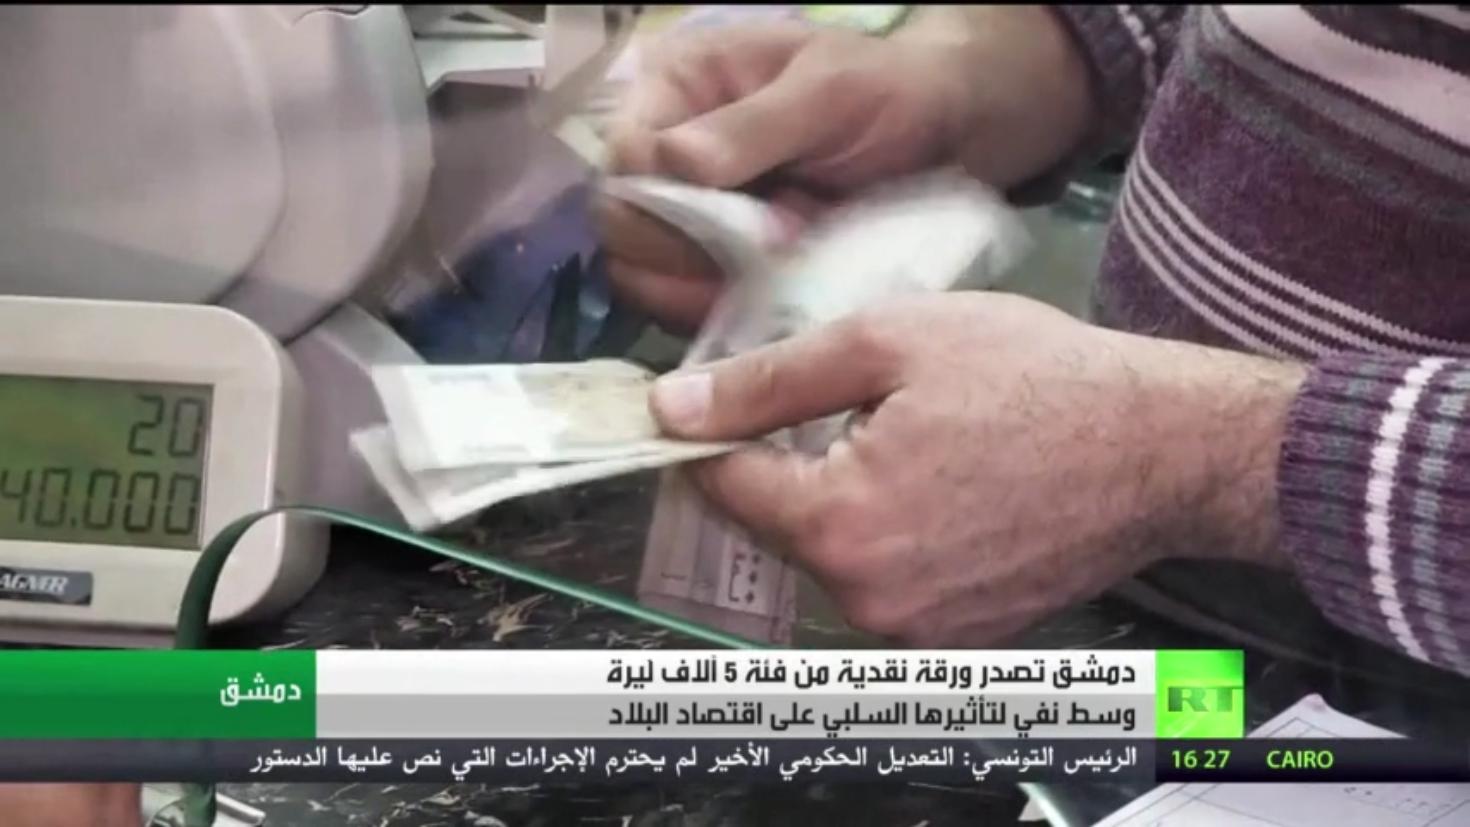 دمشق تصدر ورقة نقدية من فئة 5 آلاف ليرة